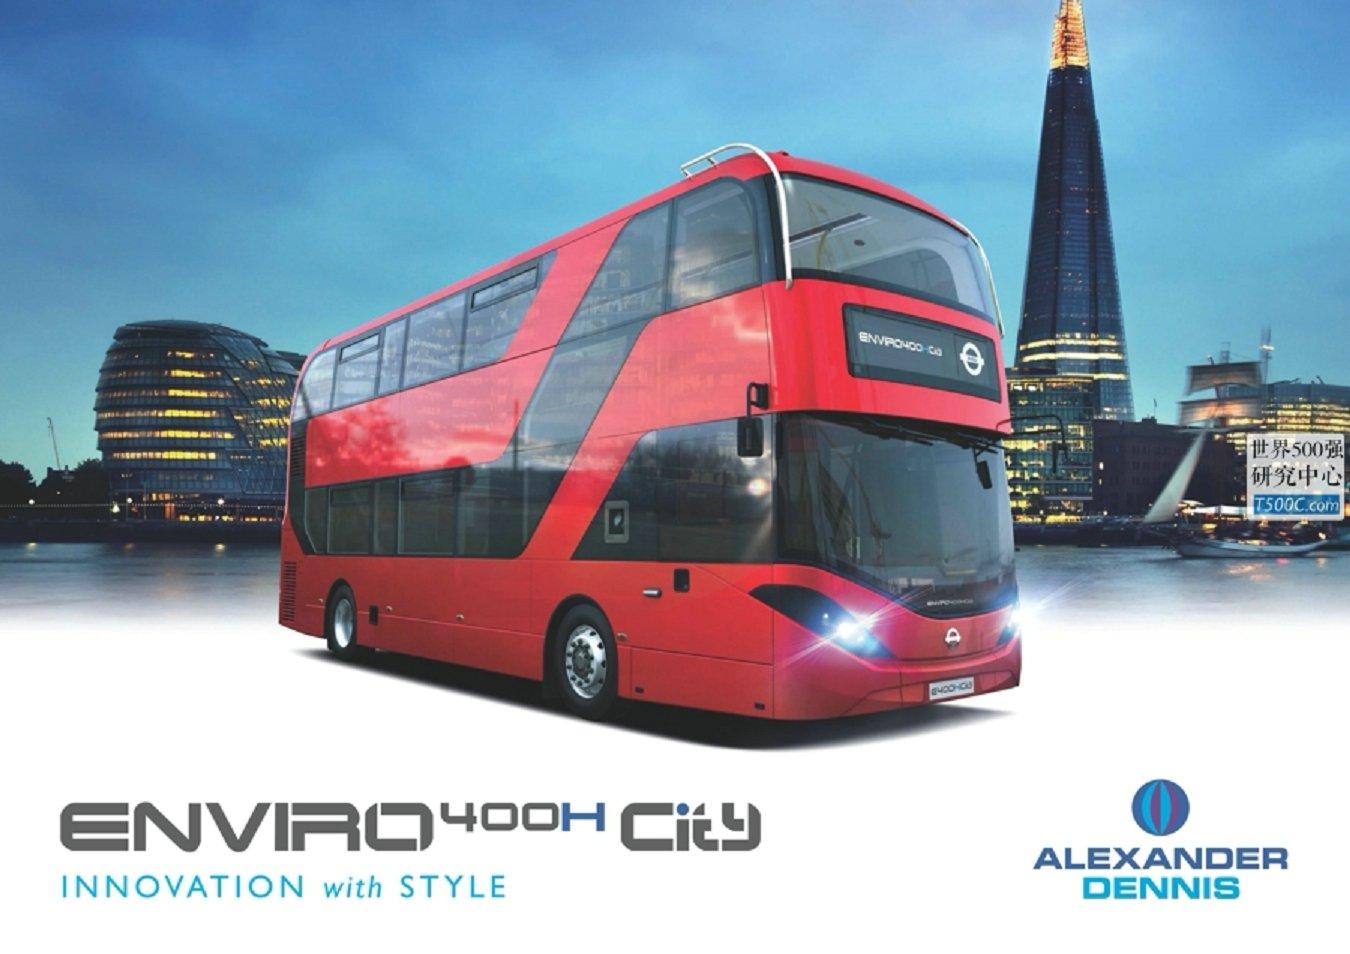 丹尼士巴士AlexanderDennis_产品宣传册Brochure_T500C.com_enviro400h city